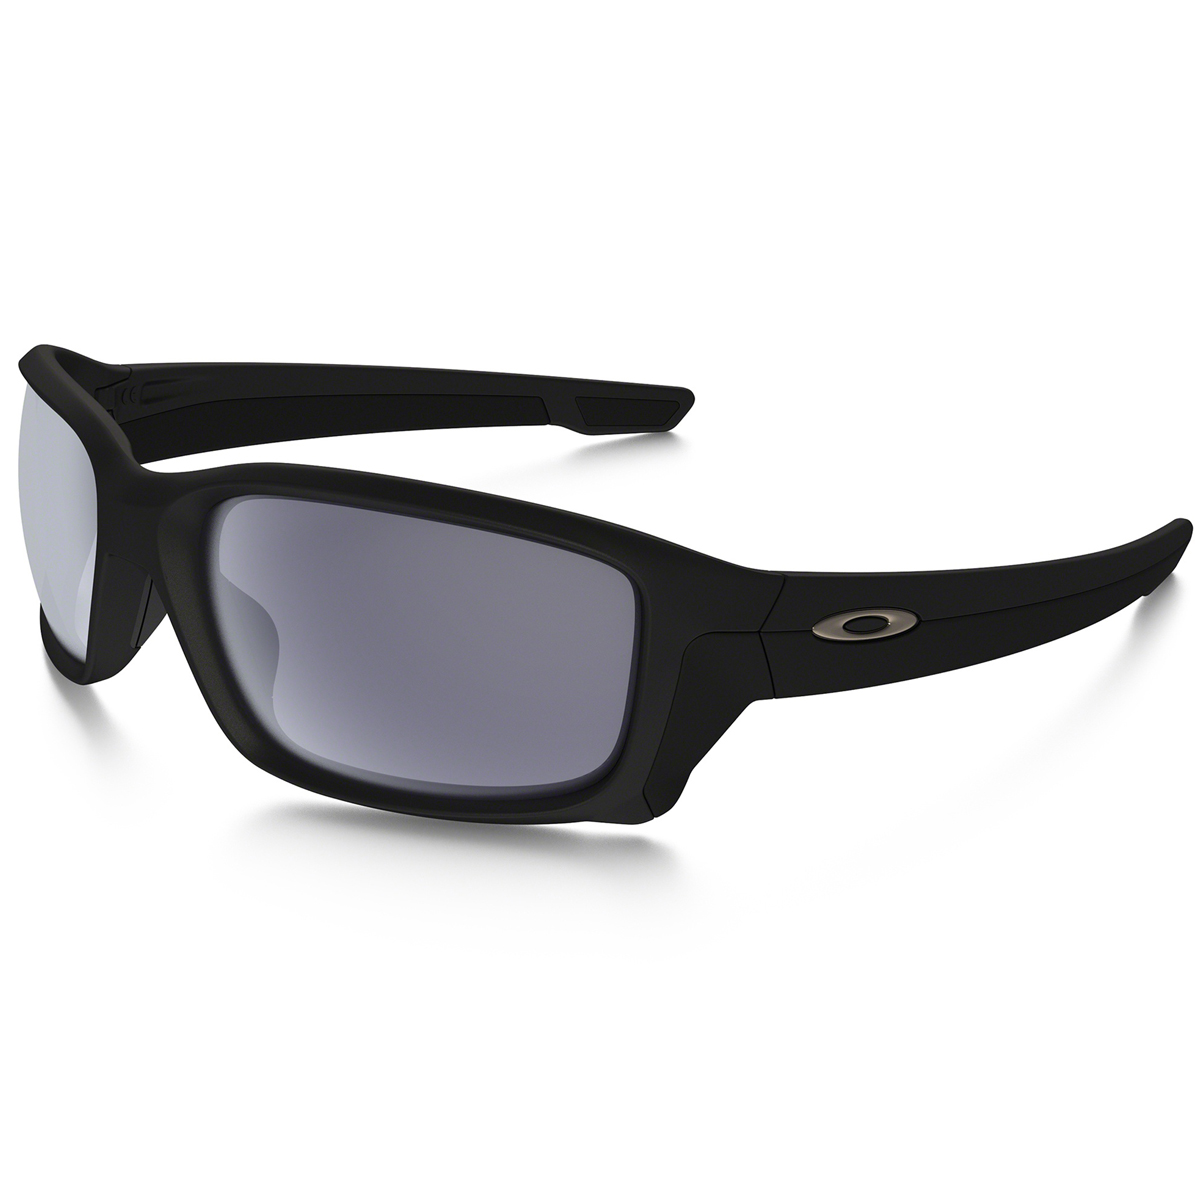 2373b0c1073ff Óculos Oakley Straightlink Matte Black  Lente Grey ref  OO9331-02